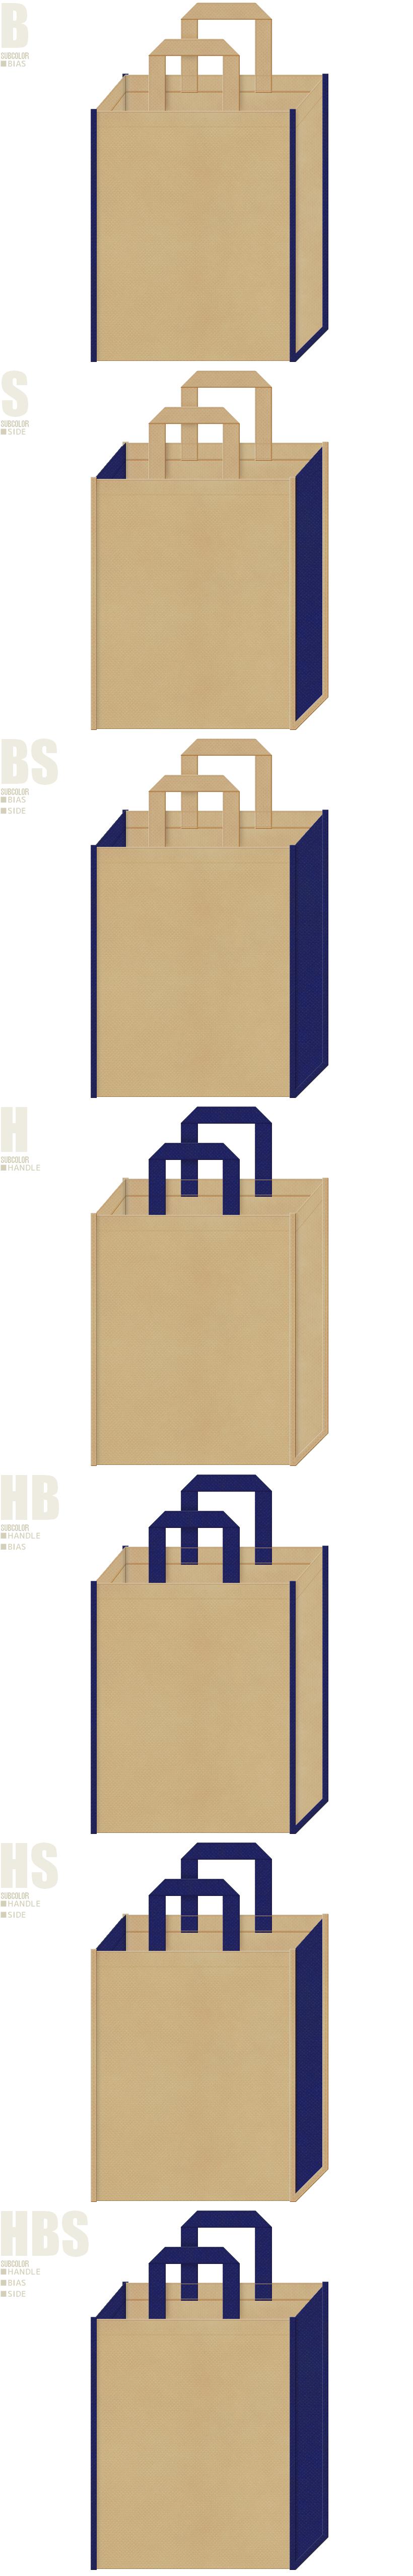 学校・オープンキャンパス・学習塾・レッスンバッグ・デニム・カジュアルファッションのショッピングバッグにお奨めの不織布バッグデザイン:カーキ色と明るい紺色の配色7パターン